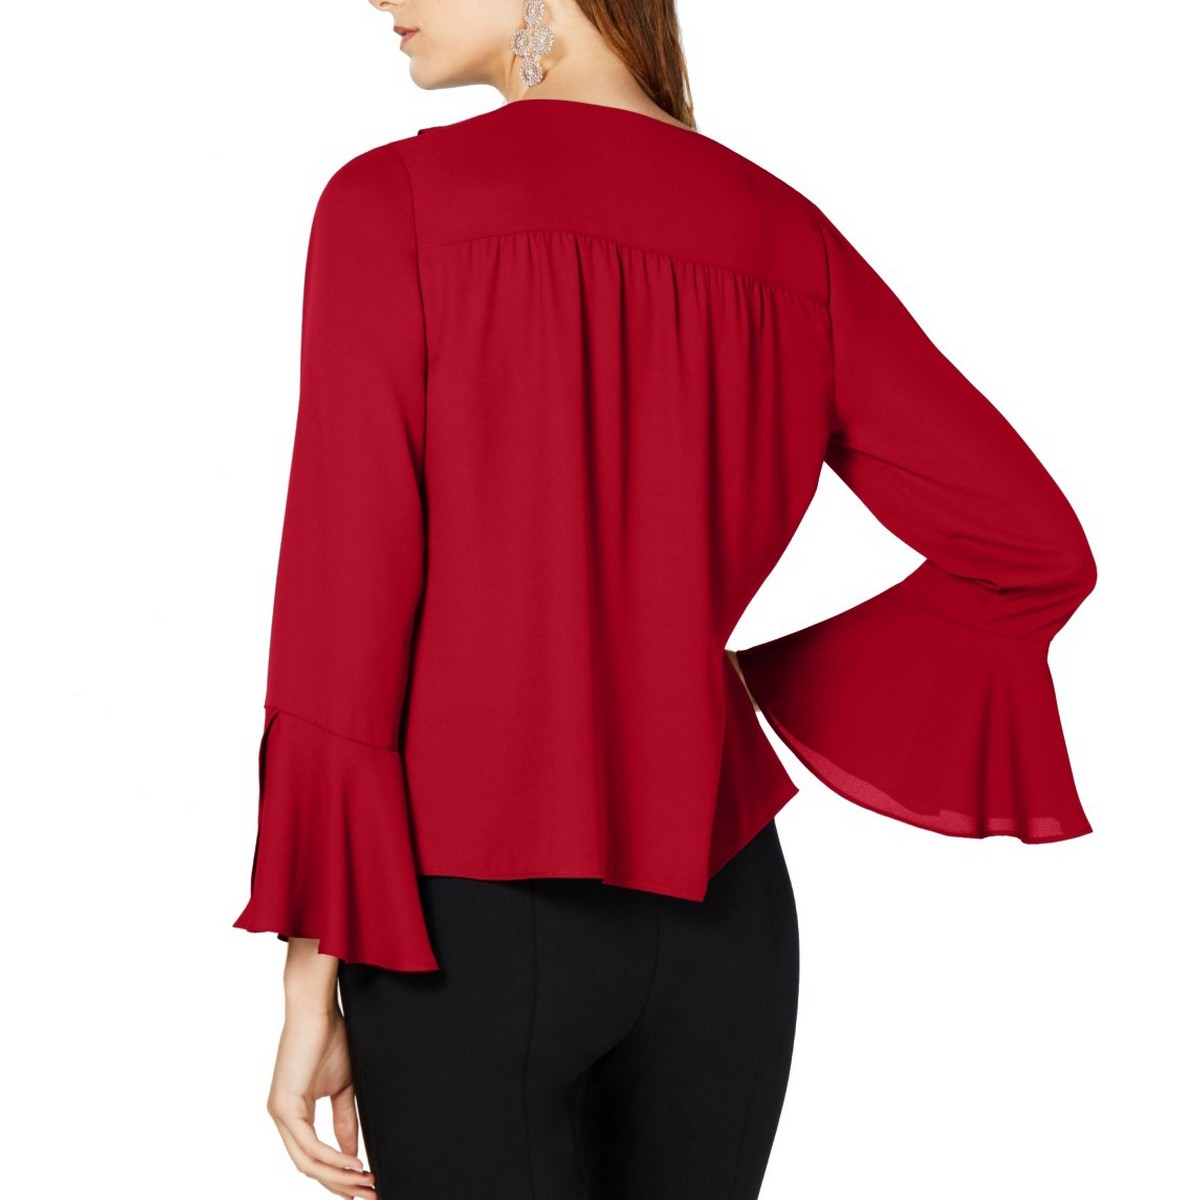 INC-NEW-Women-039-s-Ruffled-Bell-Sleeve-V-Neck-Blouse-Shirt-Top-TEDO thumbnail 4